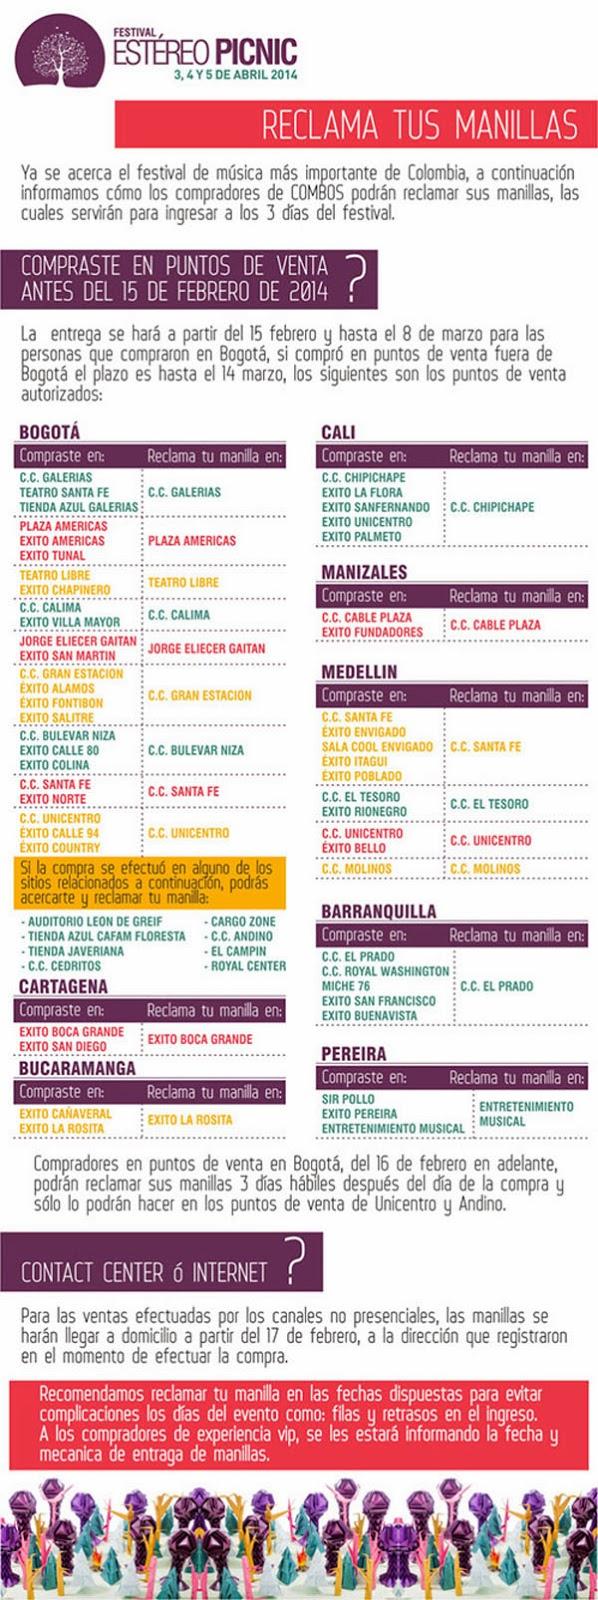 manillas-COMBO-Festival-Estereo-Picnic-2014